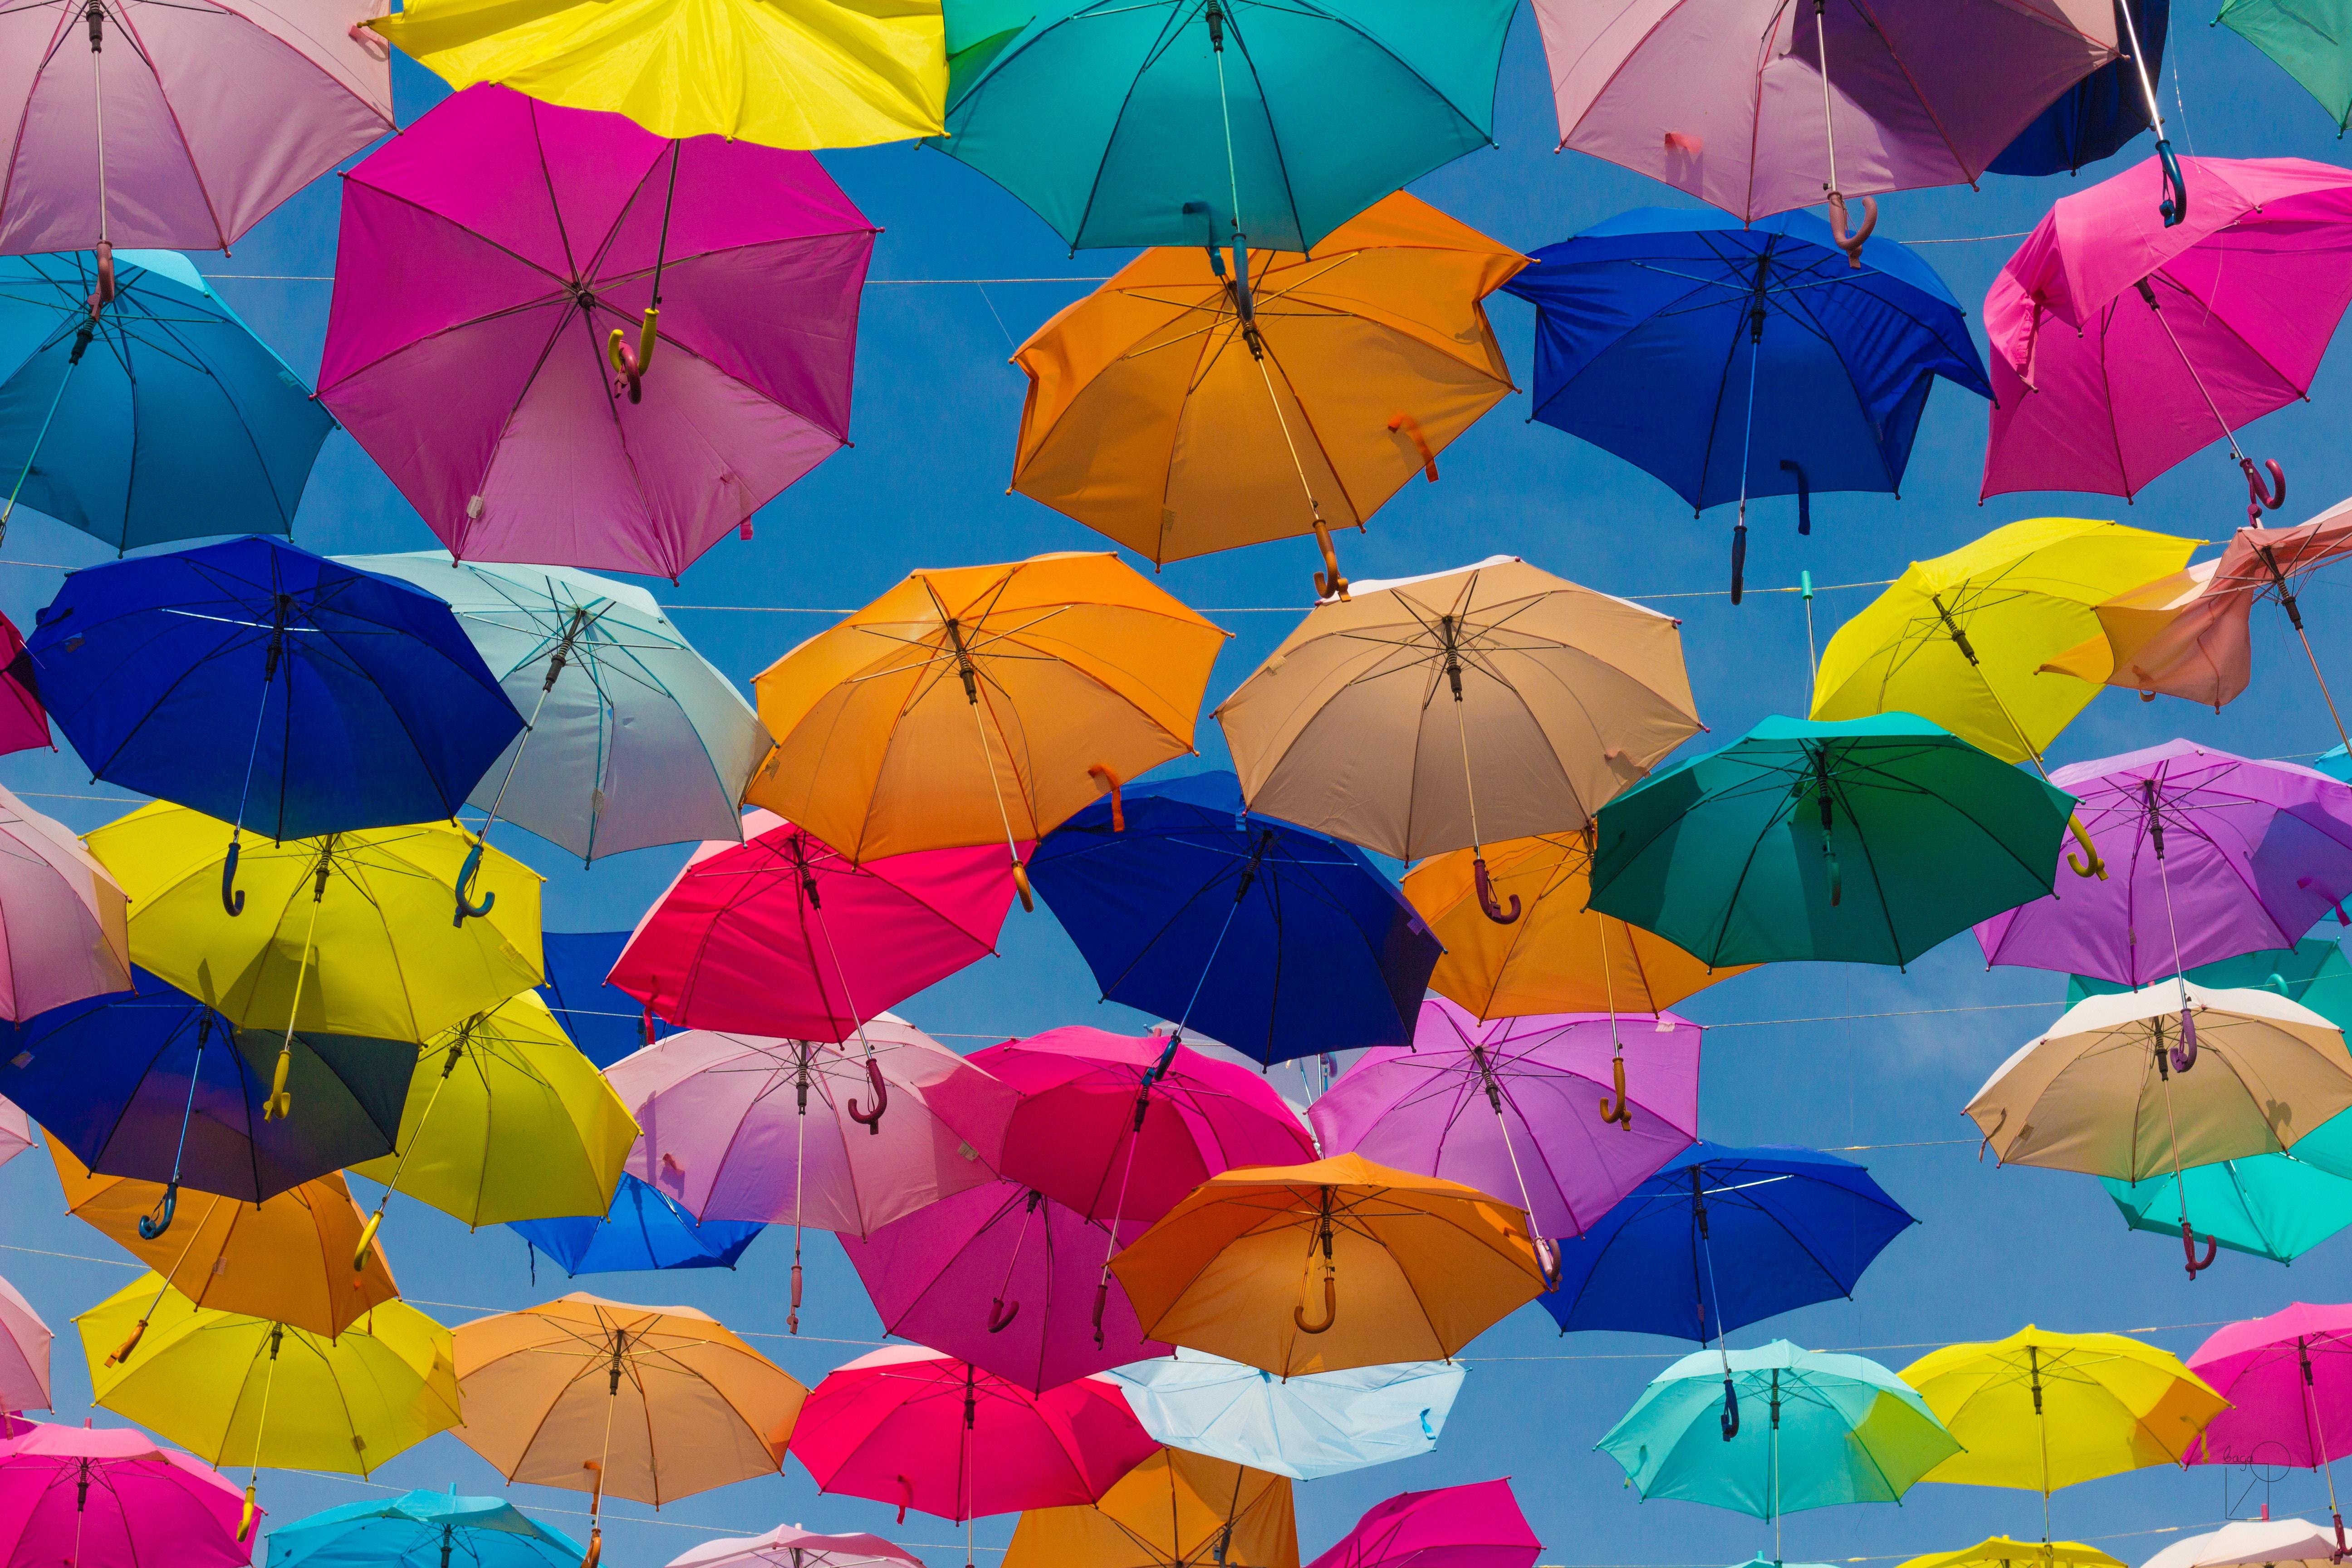 färgglada paraplyer mot blå himmel